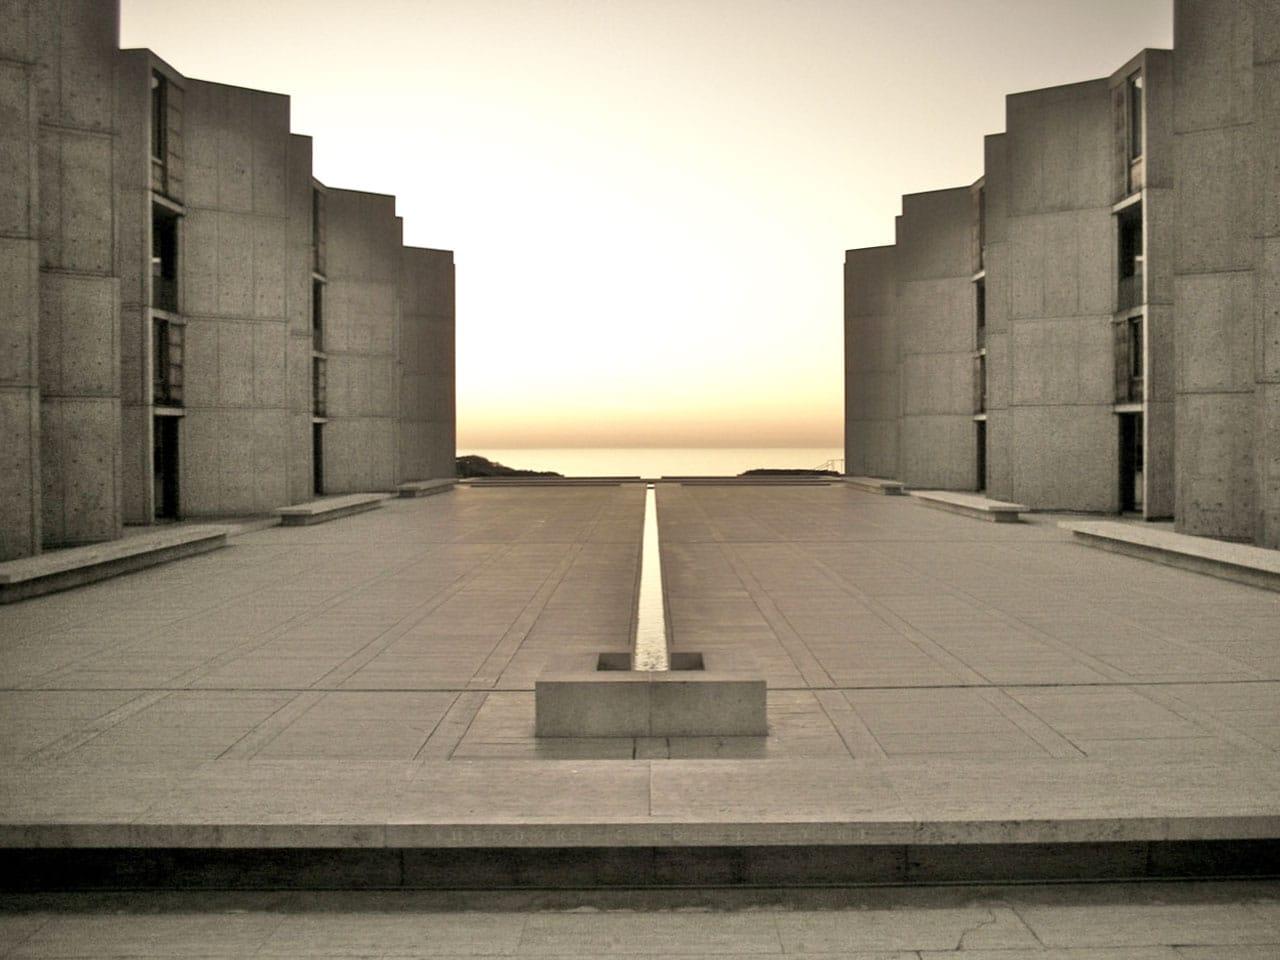 Salk_Institute Louis Kahn Salk Institute | 1959-1965